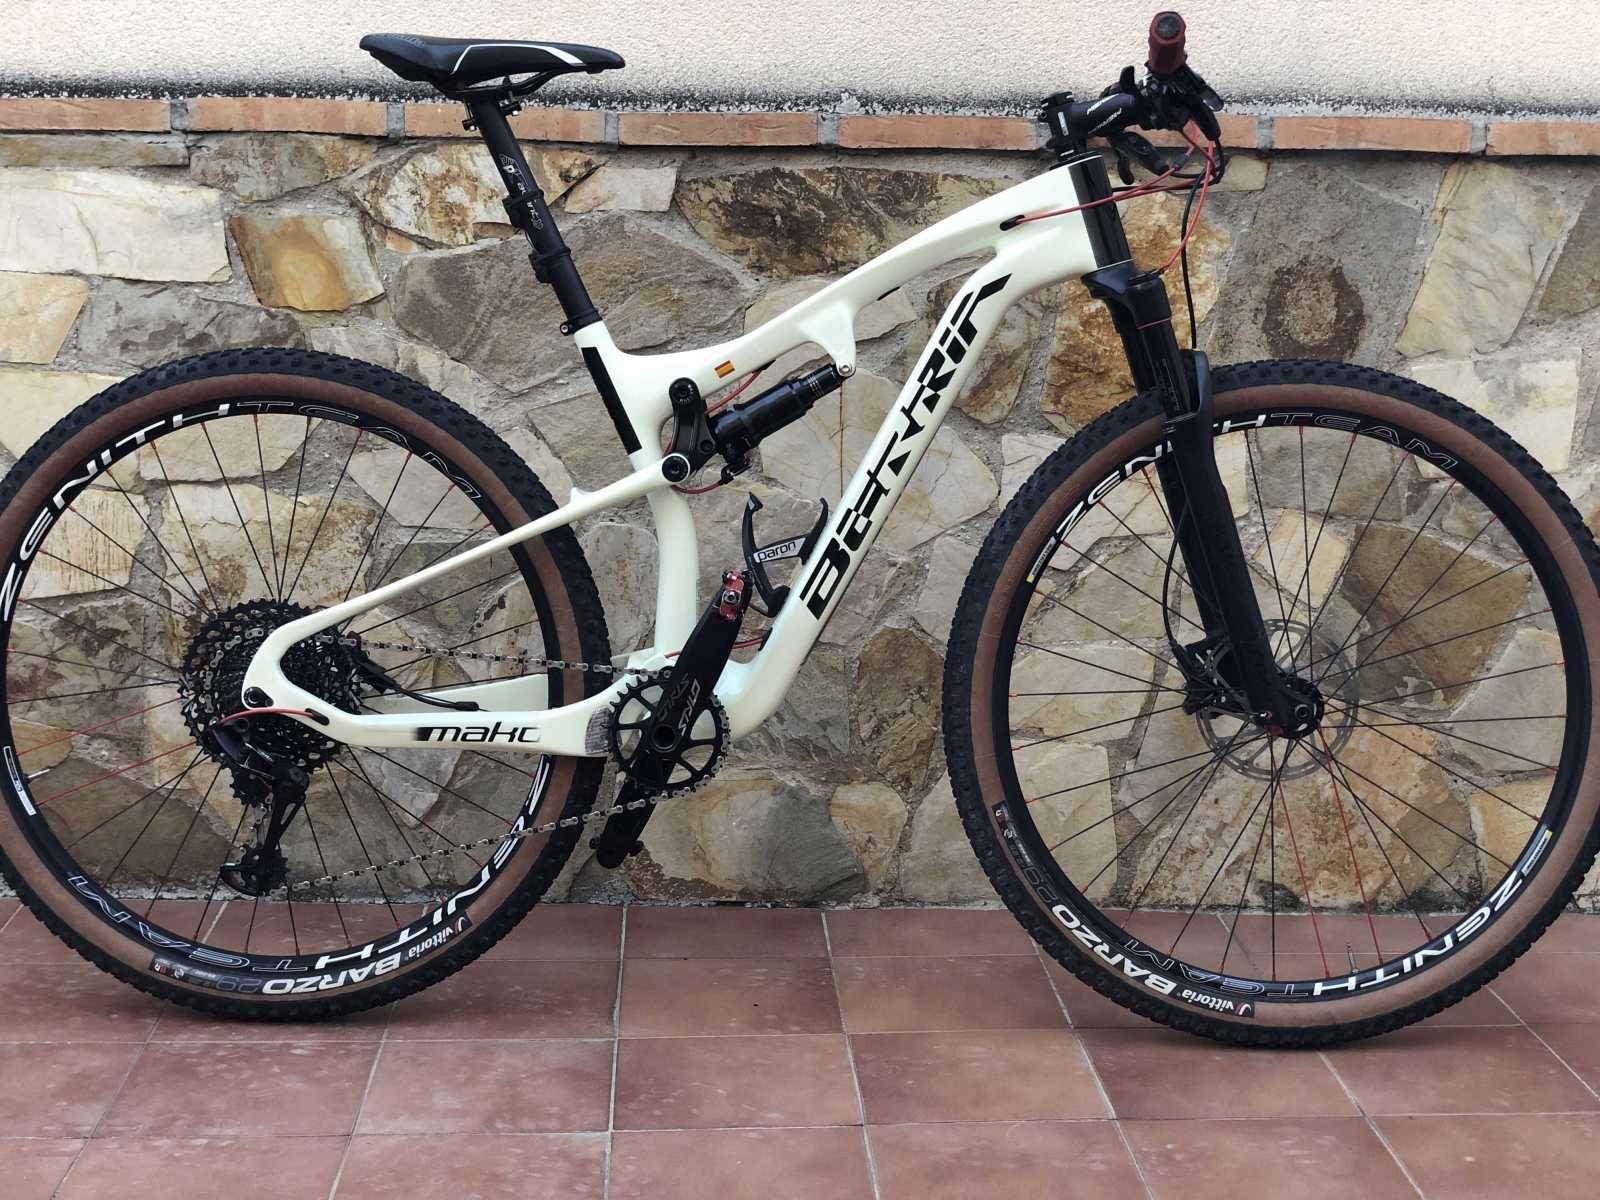 Bicicleta De Montaña Berria Mako Ref 45672 Talla M Año 2019 Cambio Sram Gx Eagle Cuadro De Carbono Suspe Bicicleta De Descenso Bicicletas Bicicletas Mtb